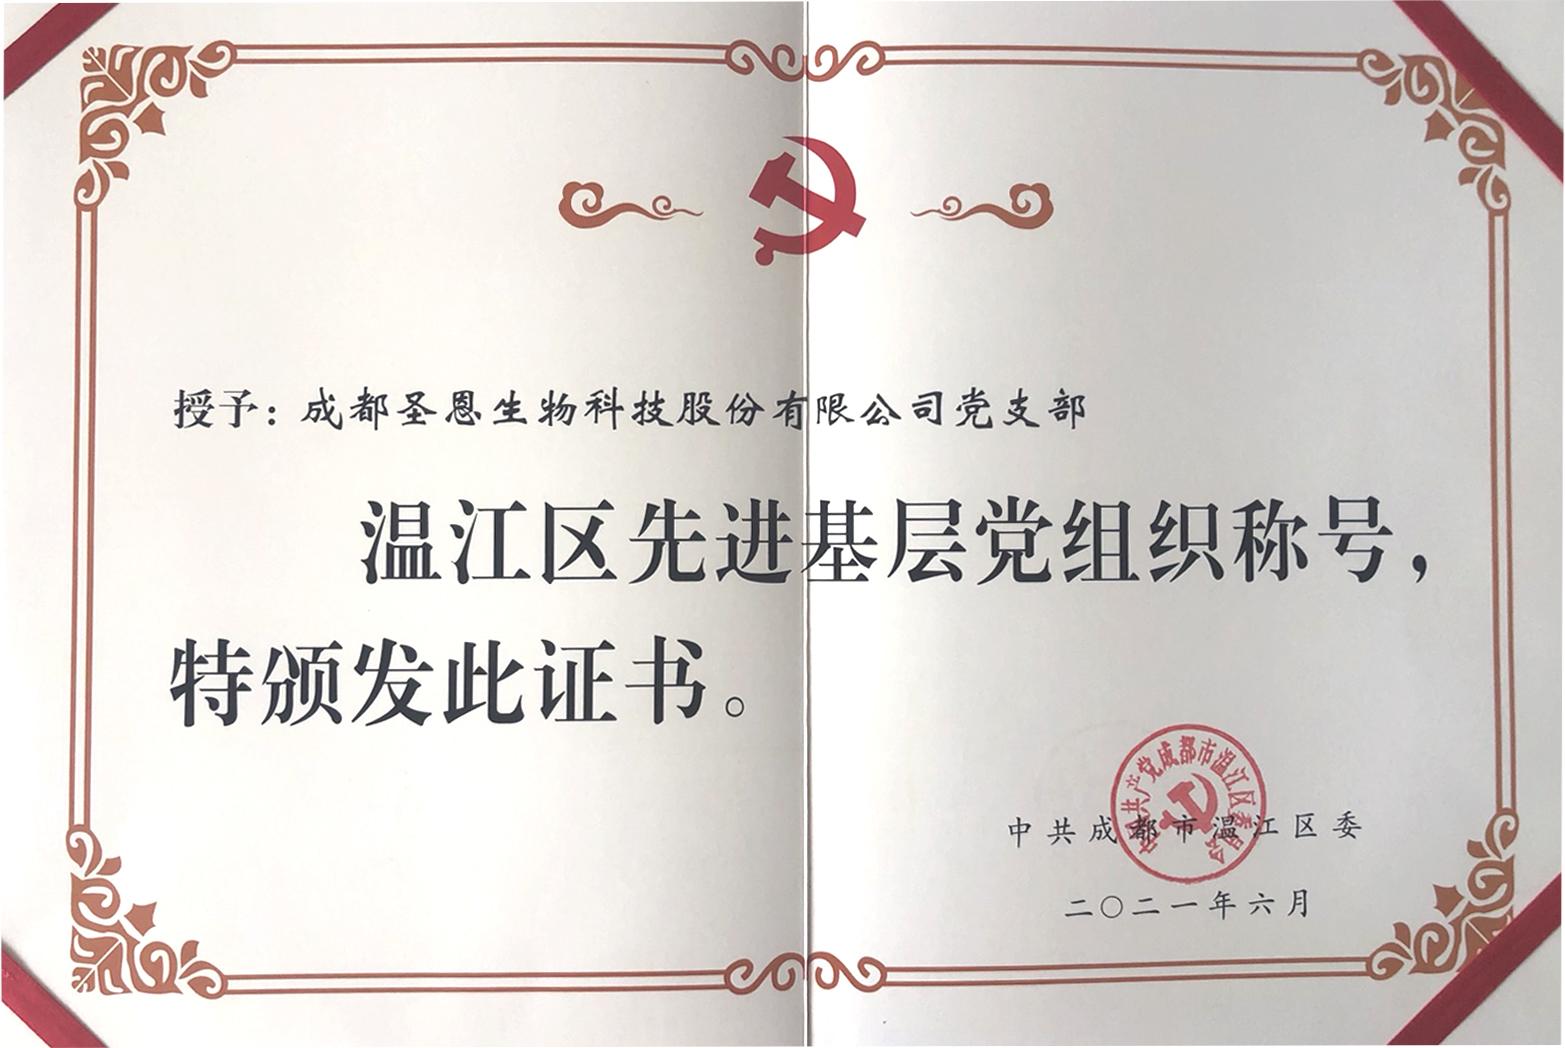 喜讯!勇争先进,发展创新,圣恩股份荣获温江区委表彰